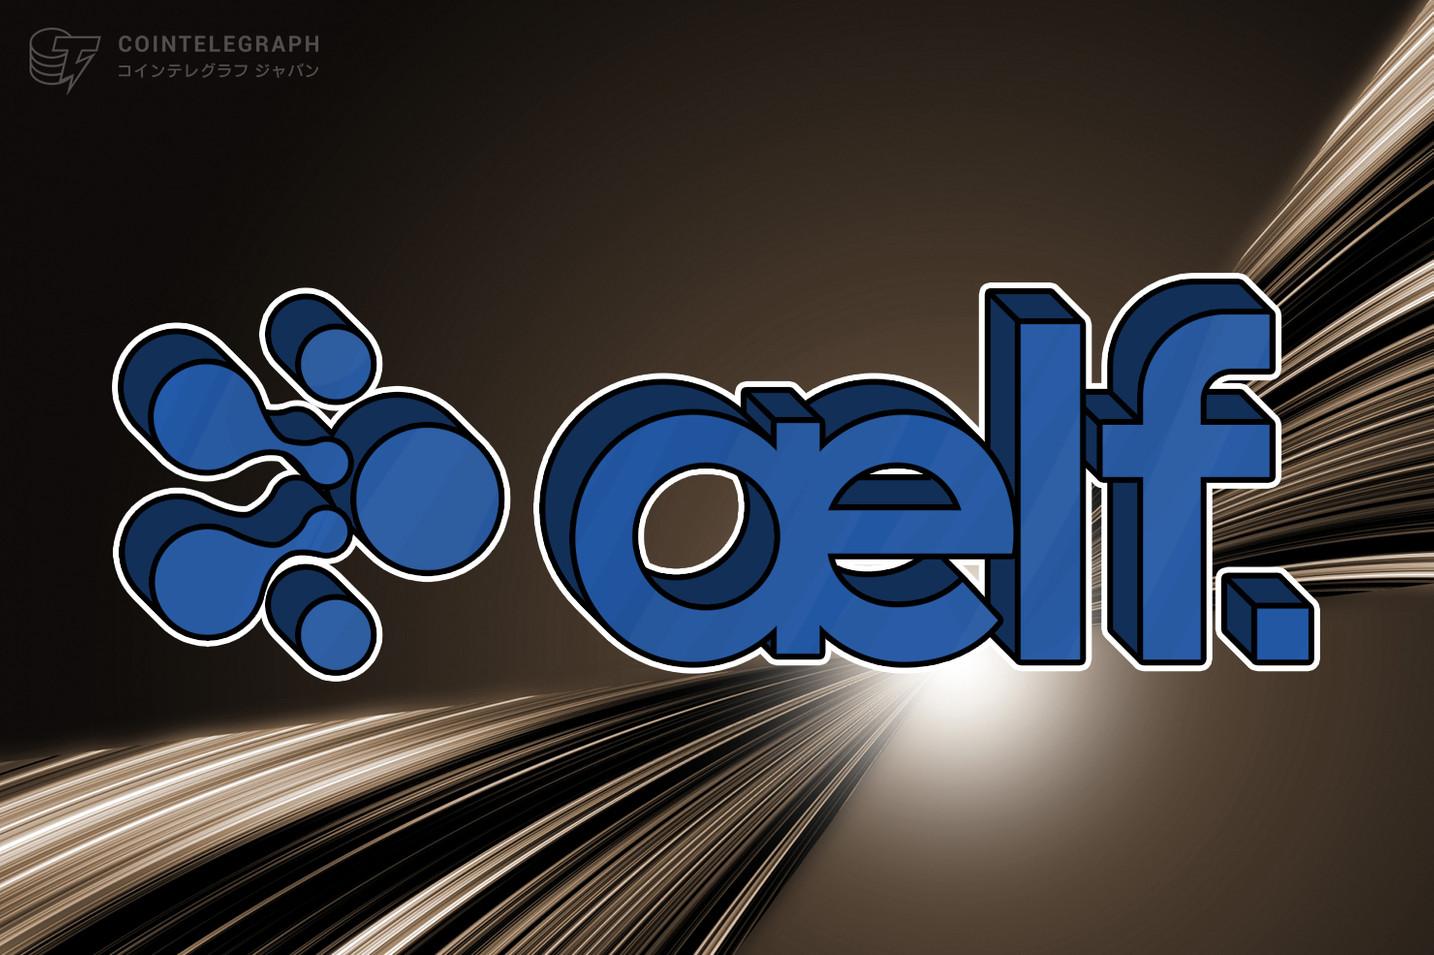 aelfが総額20万米ドルのメインネット体験イベントを開催、メインネットコインやテスラ、iPhone12、PS5が当たる!